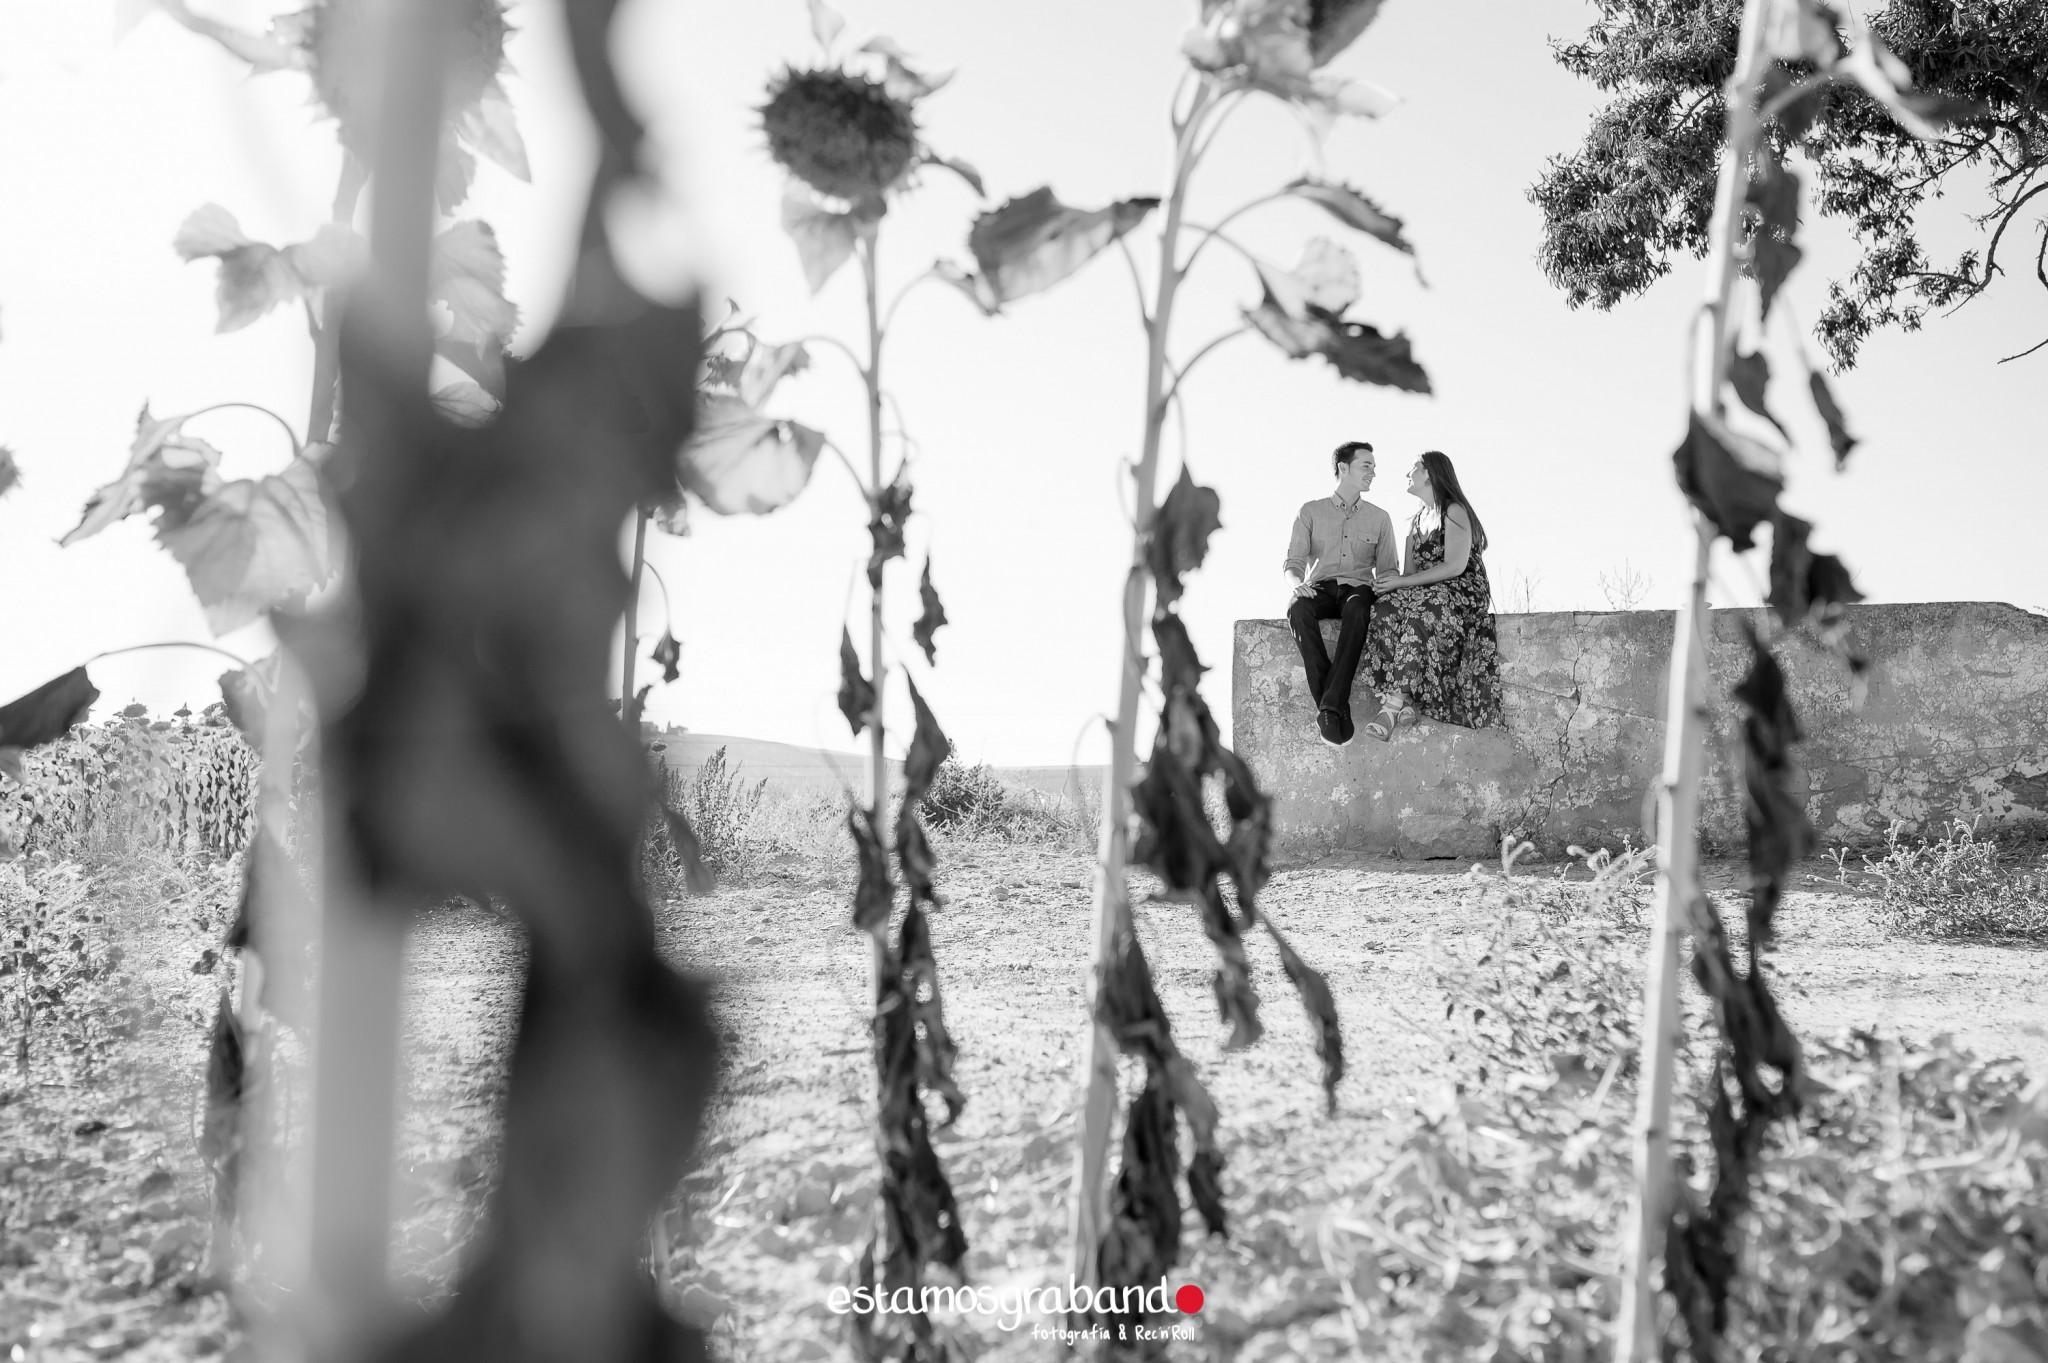 preboda-may-y-sergio-preboda-sesion-rec-and-rollera-fotos-de-pareja-e-session-fotos-boda-jerez-fotos-boda-jerez_-19 10 días [Preboda May & Sergio] - video boda cadiz